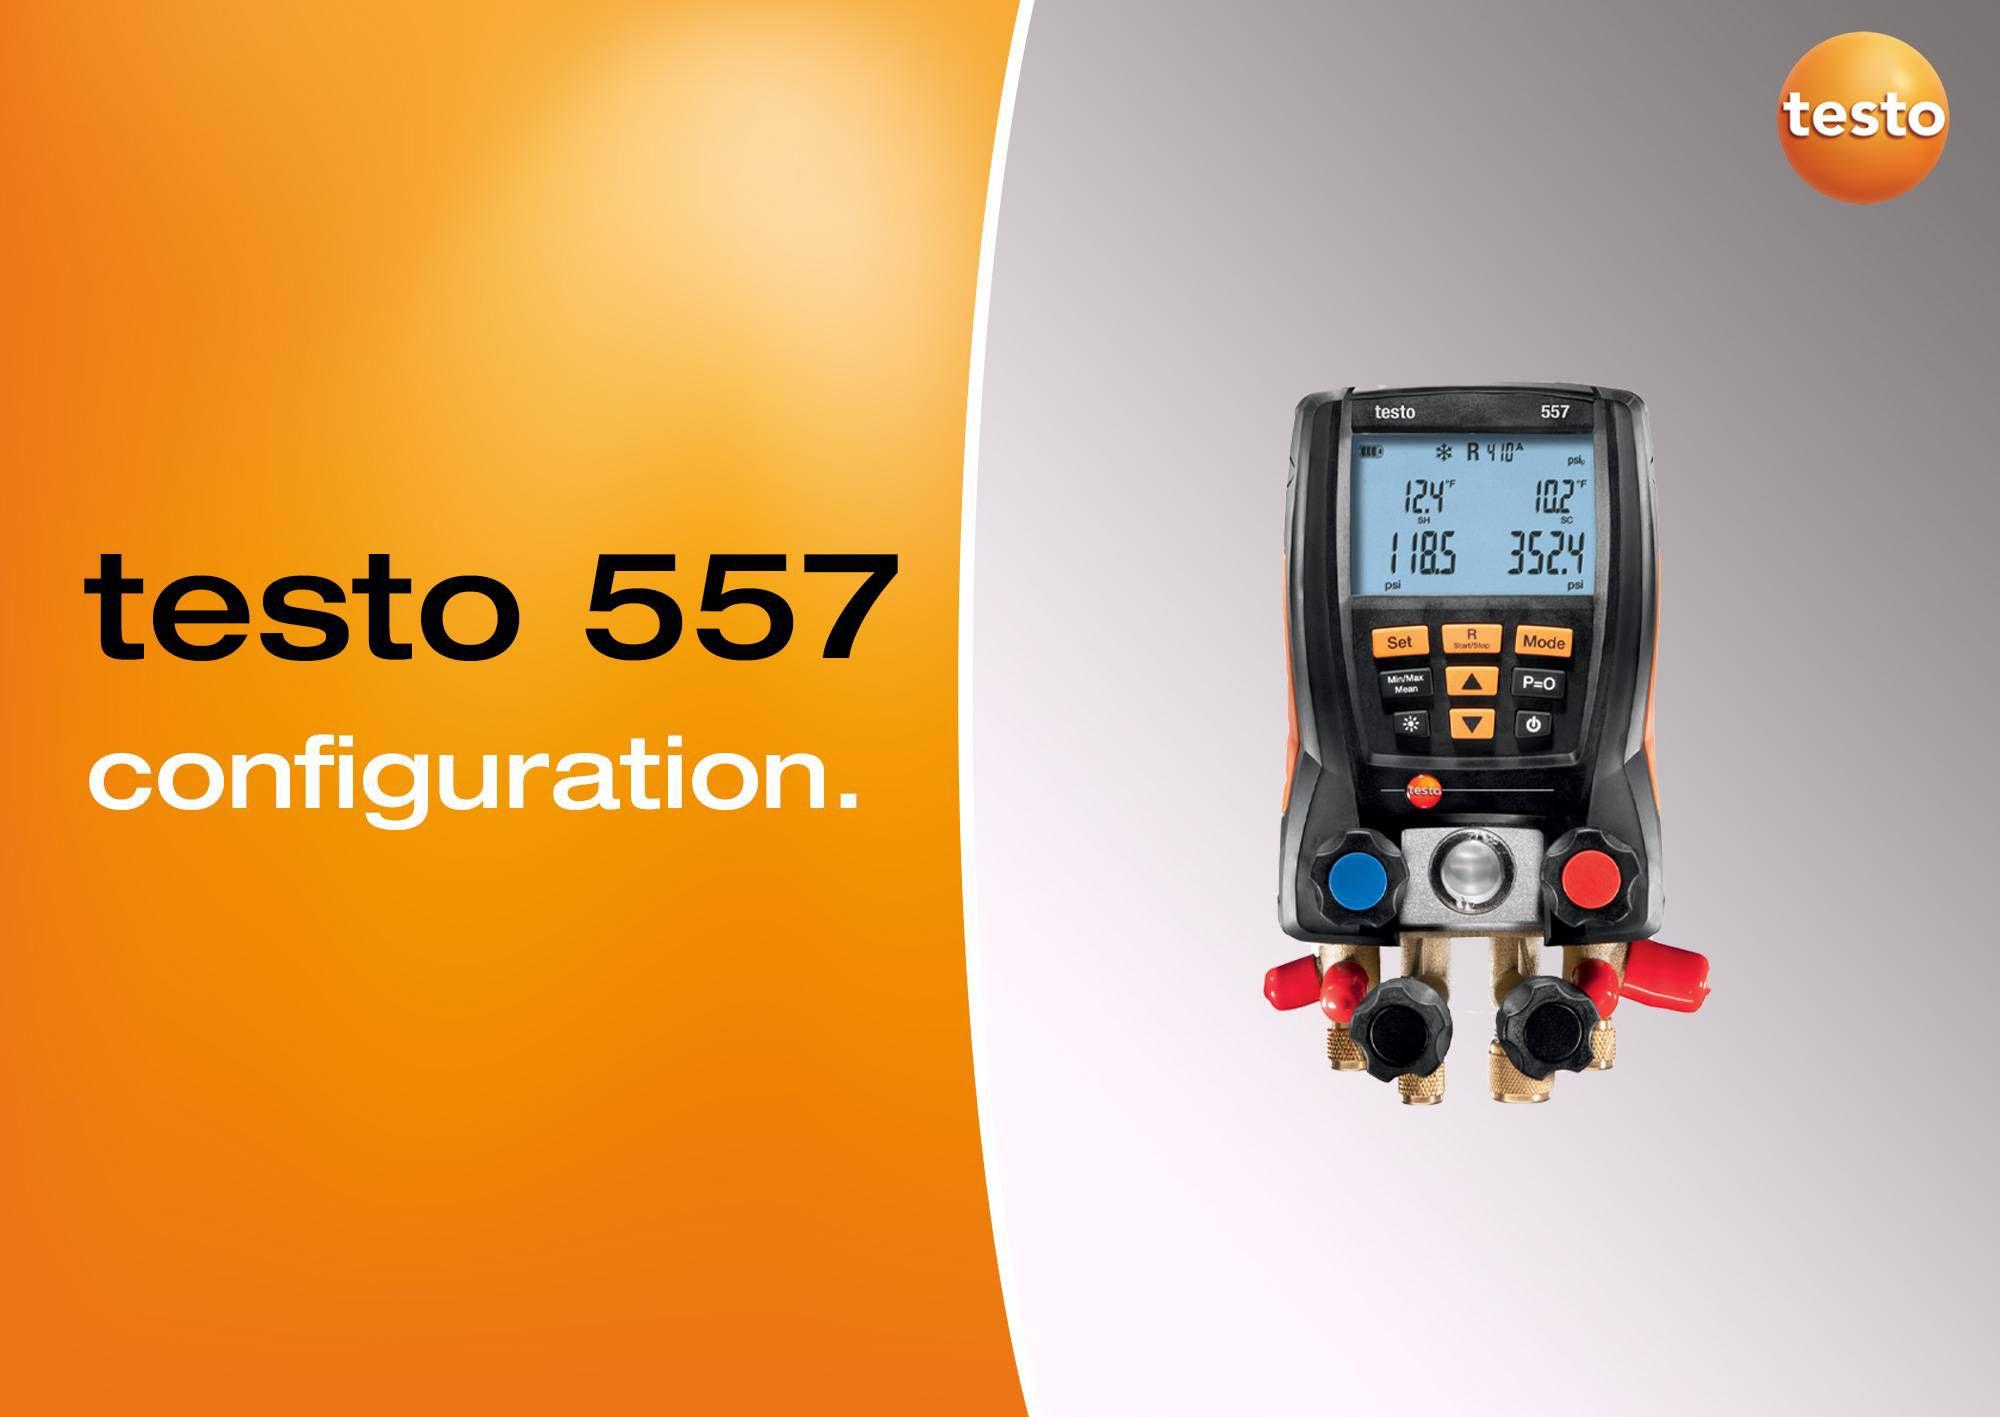 Tutoriel vidéo configuration manomètre testo 557